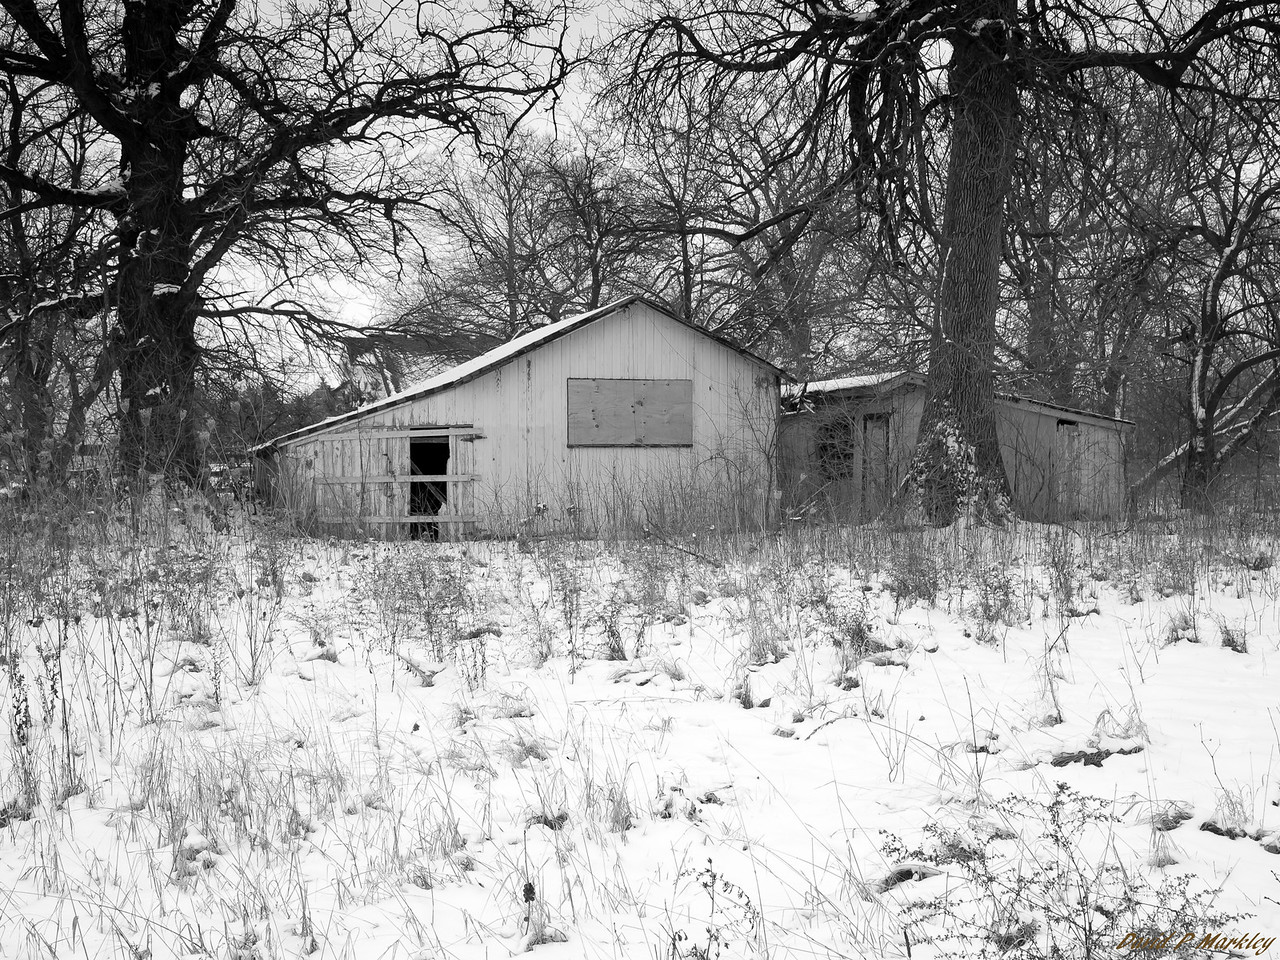 Icy Isolation